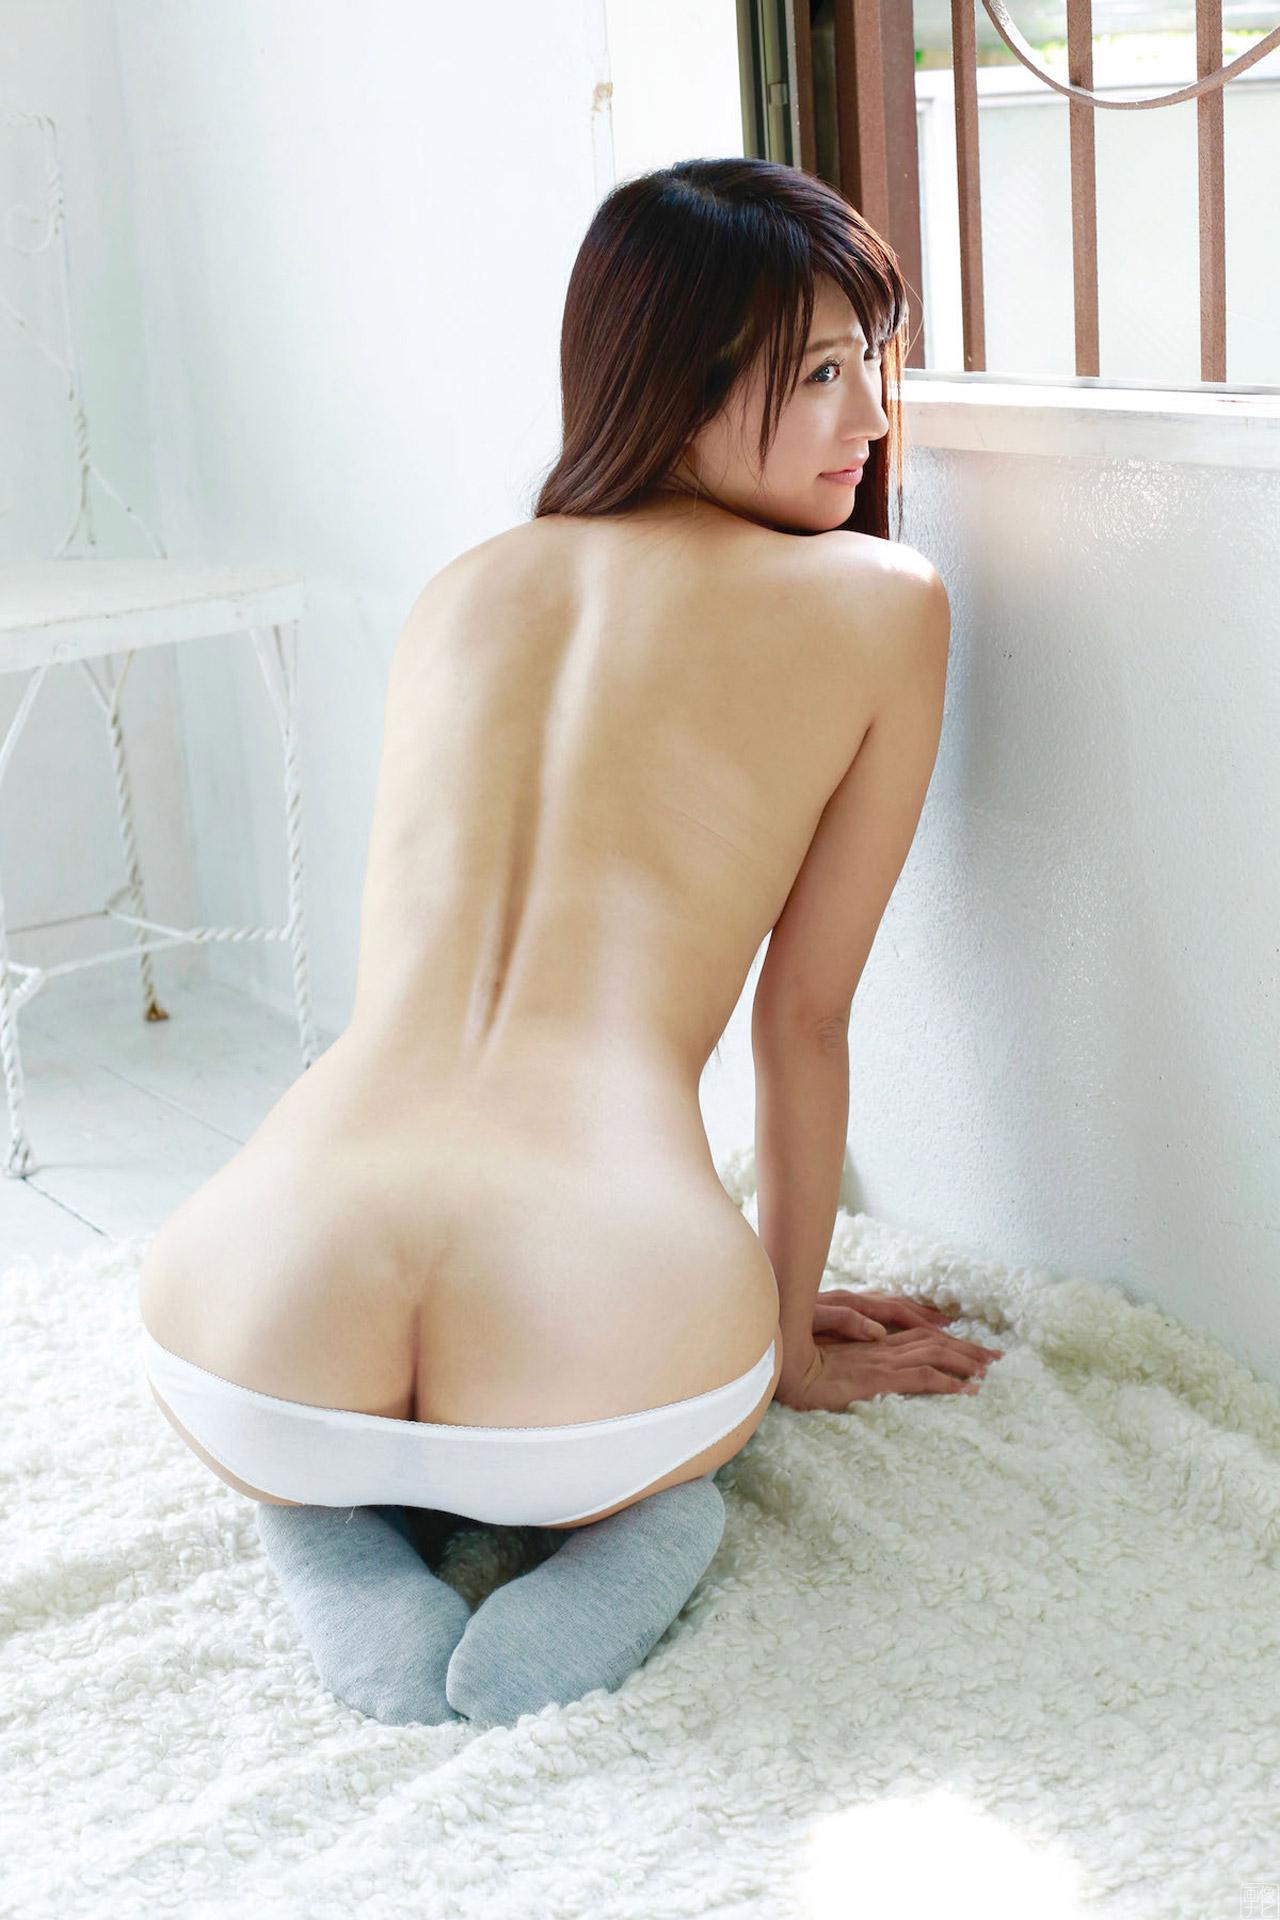 【浅い】すきゃんてい画像【ぱんつ】 [無断転載禁止]©bbspink.com->画像>771枚